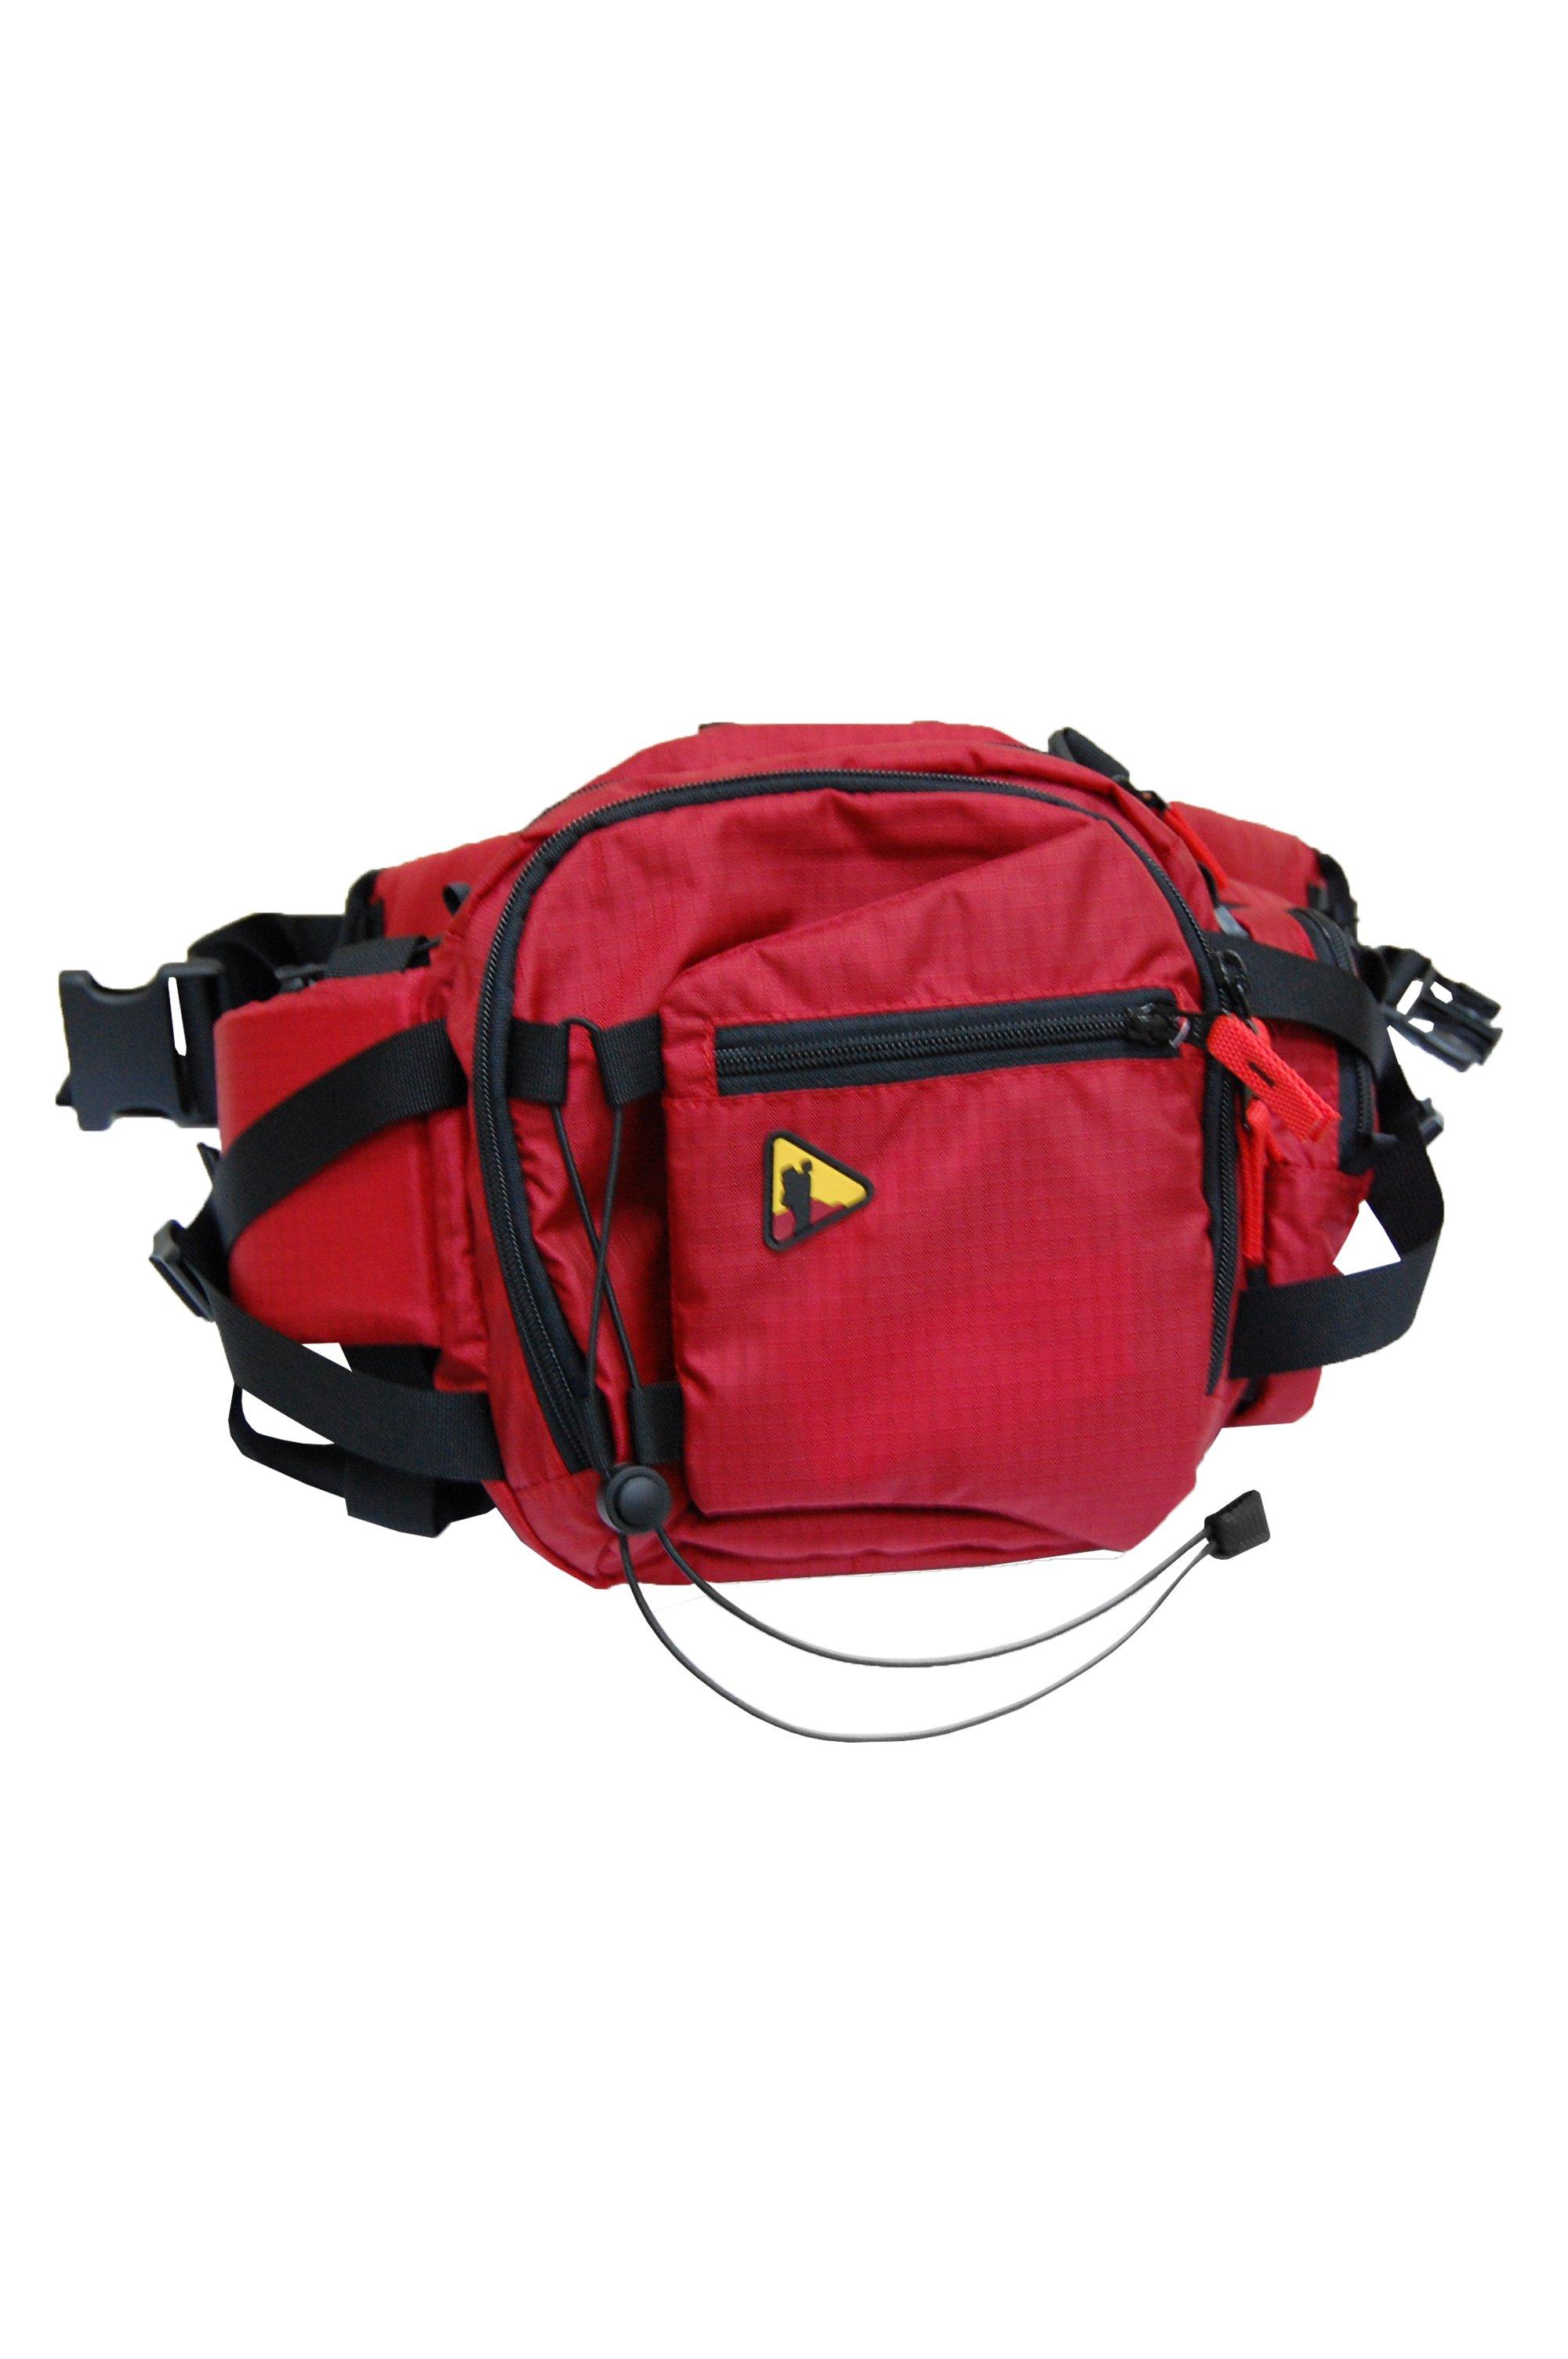 Сумка на пояс BASK CESTUS V2 5093aСумка на пояс. Удобна в тех случаях, когда рюкзак неуместен.<br><br>Анатомическая конструкция спины и ремней: Нет<br>Вентиляция спины: Нет<br>Вес граммы: 460<br>Внутренние карманы: Нет<br>Внутренняя перегородка: Нет<br>Возможность крепления сноуборда/скейтборда/лыж: Нет<br>Грудной фиксатор: Нет<br>Карман для гидратора: Нет<br>Накидка от дождя: Нет<br>Нижний вход: Нет<br>Пол: Унисекс<br>Регулировка угла наклона пояса: Нет<br>Светоотражающий кант: Нет<br>Ткань: 210D Robic® Triple Rip<br>Усиление дна: Нет<br>Фурнитура: Duraflex®<br>Цвет: ЧЕРНЫЙ